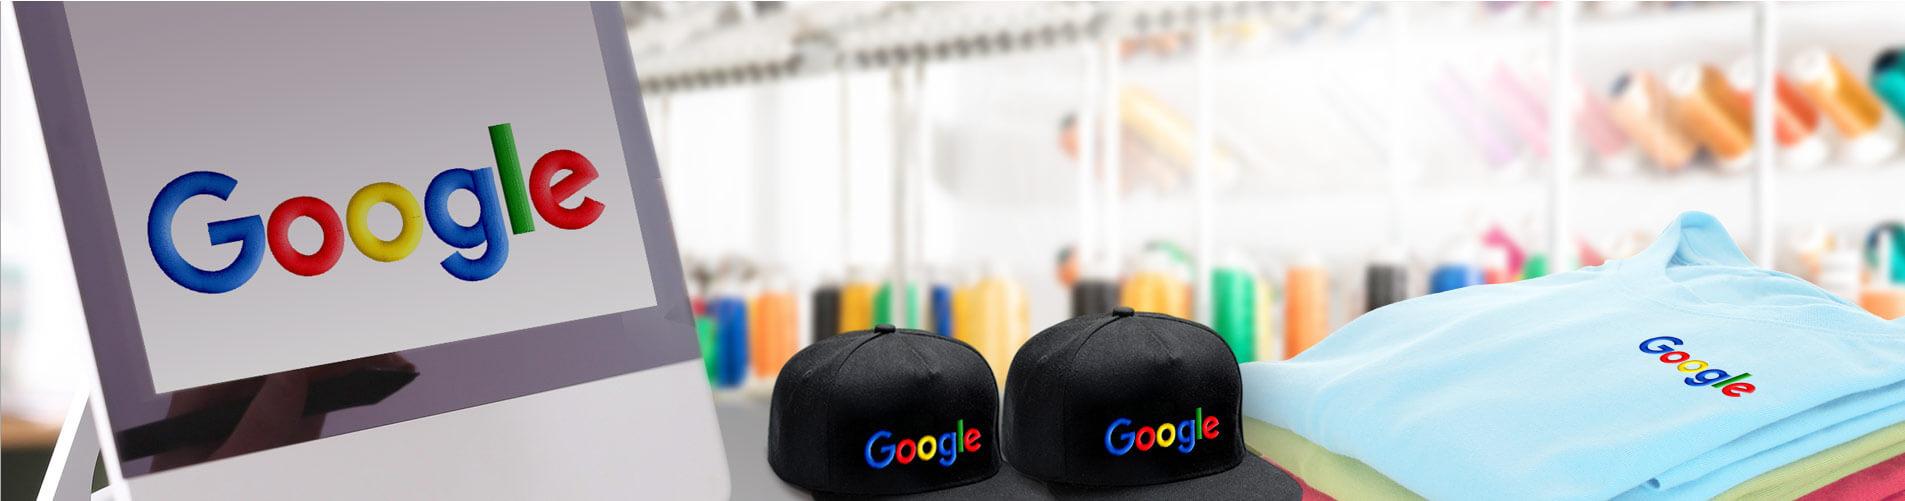 רקמה ממוחשבת למוצרי גוגל